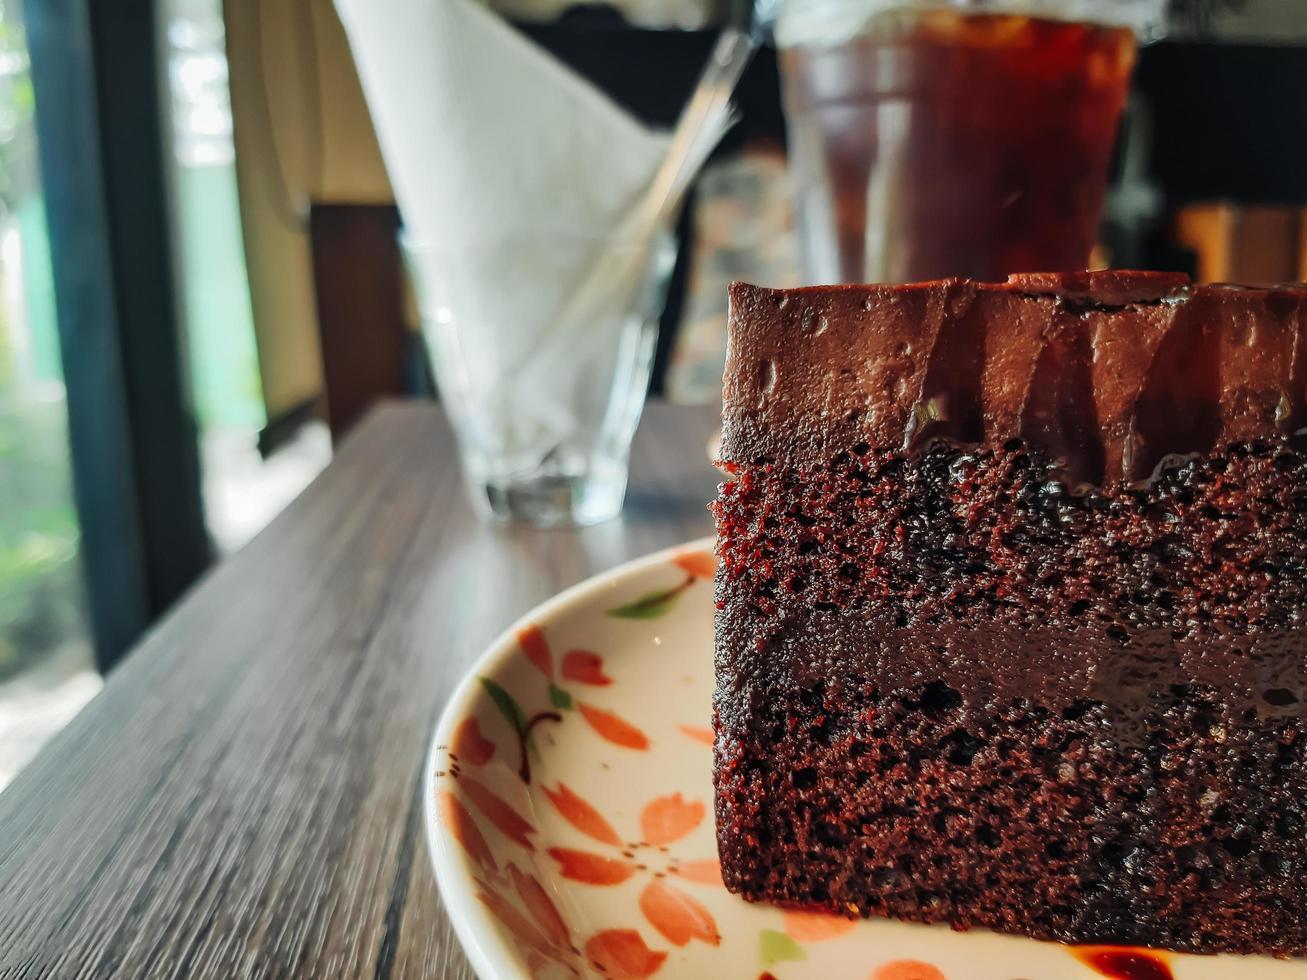 piatto con fetta di gustosa torta al cioccolato fatta in casa sul tavolo, deliziosa torta al cioccolato. pezzo di torta su un piatto. cibo dolce. dolce da dessert. avvicinamento. foto